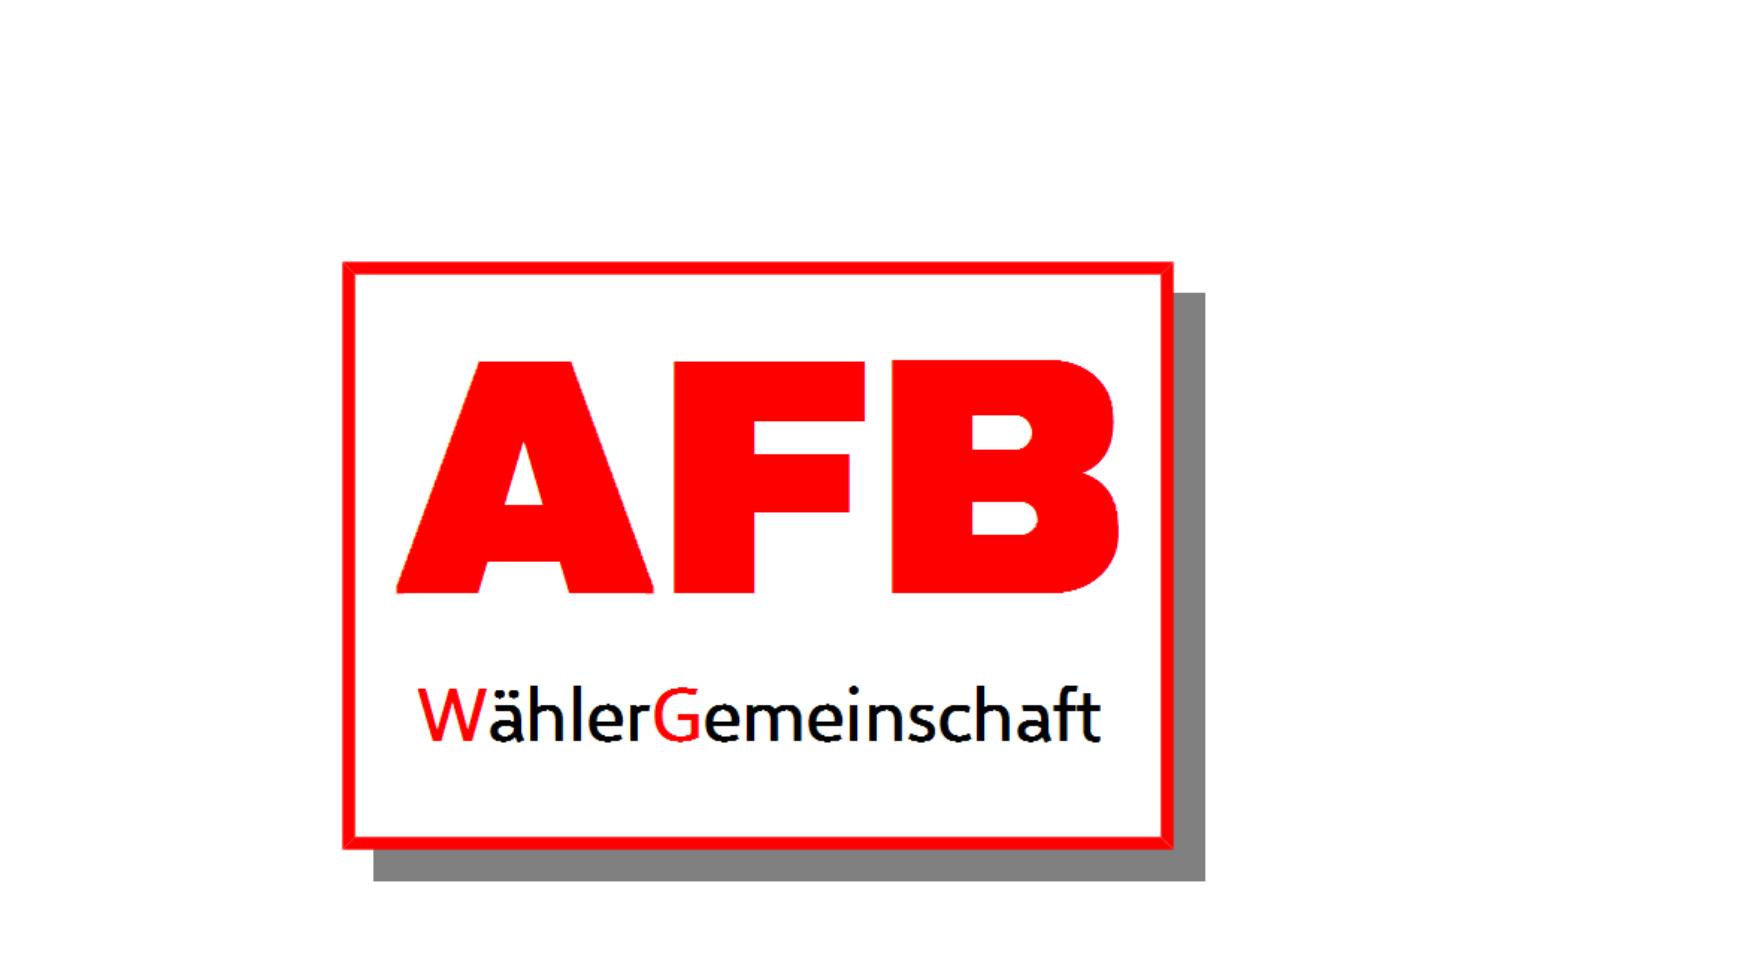 Ratsmitglieder First – AFB sagt Nein